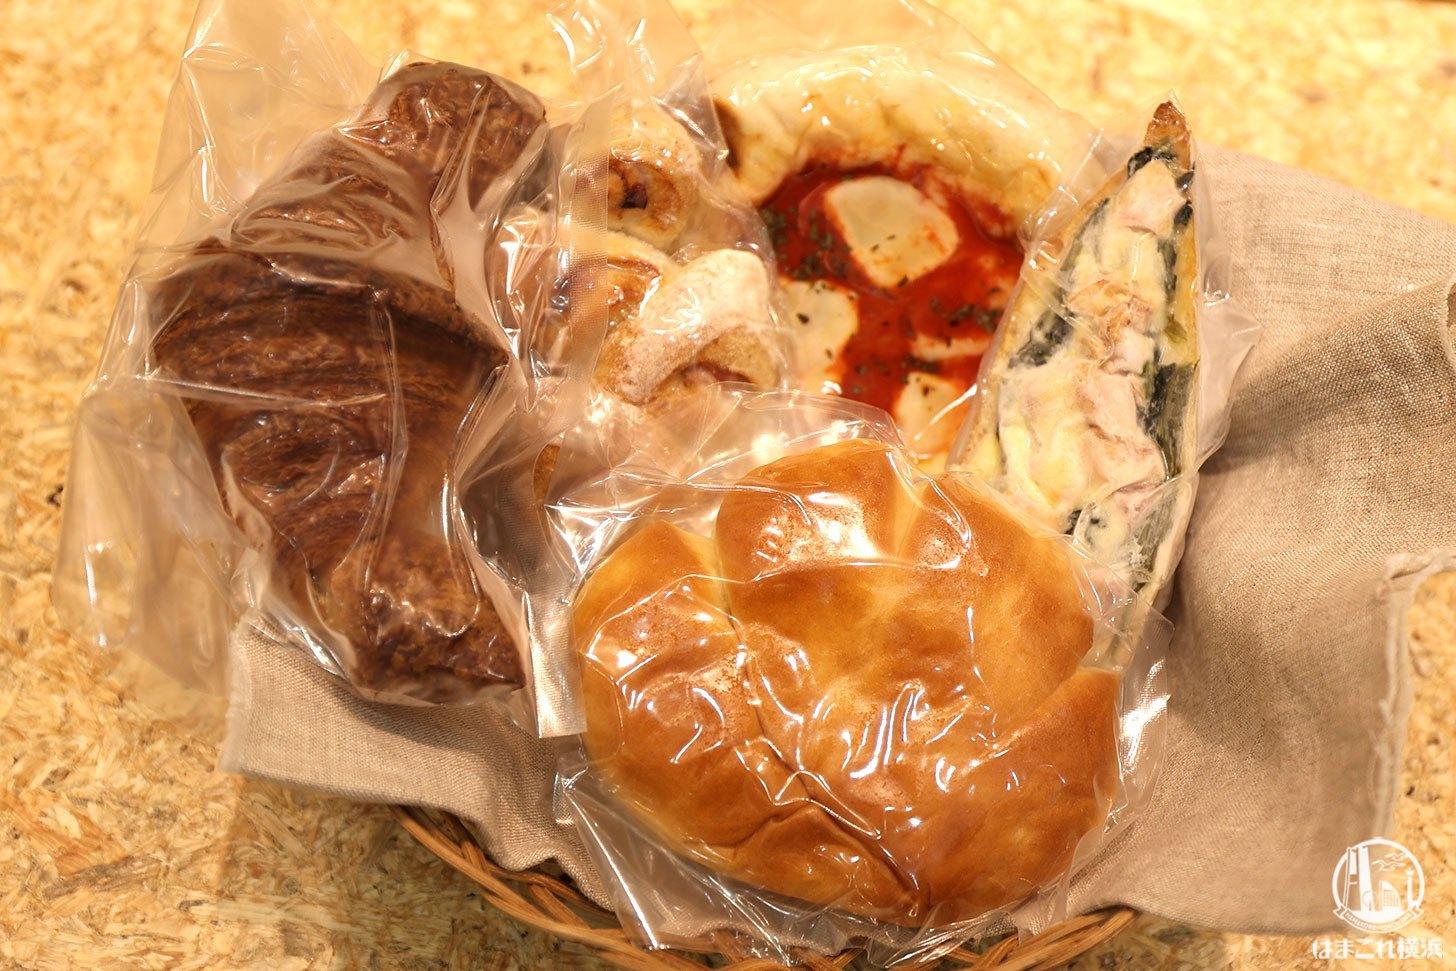 冷凍パン専門店「時をとめるベーカリー」横浜瀬谷に!500種以上の手作りパン揃う